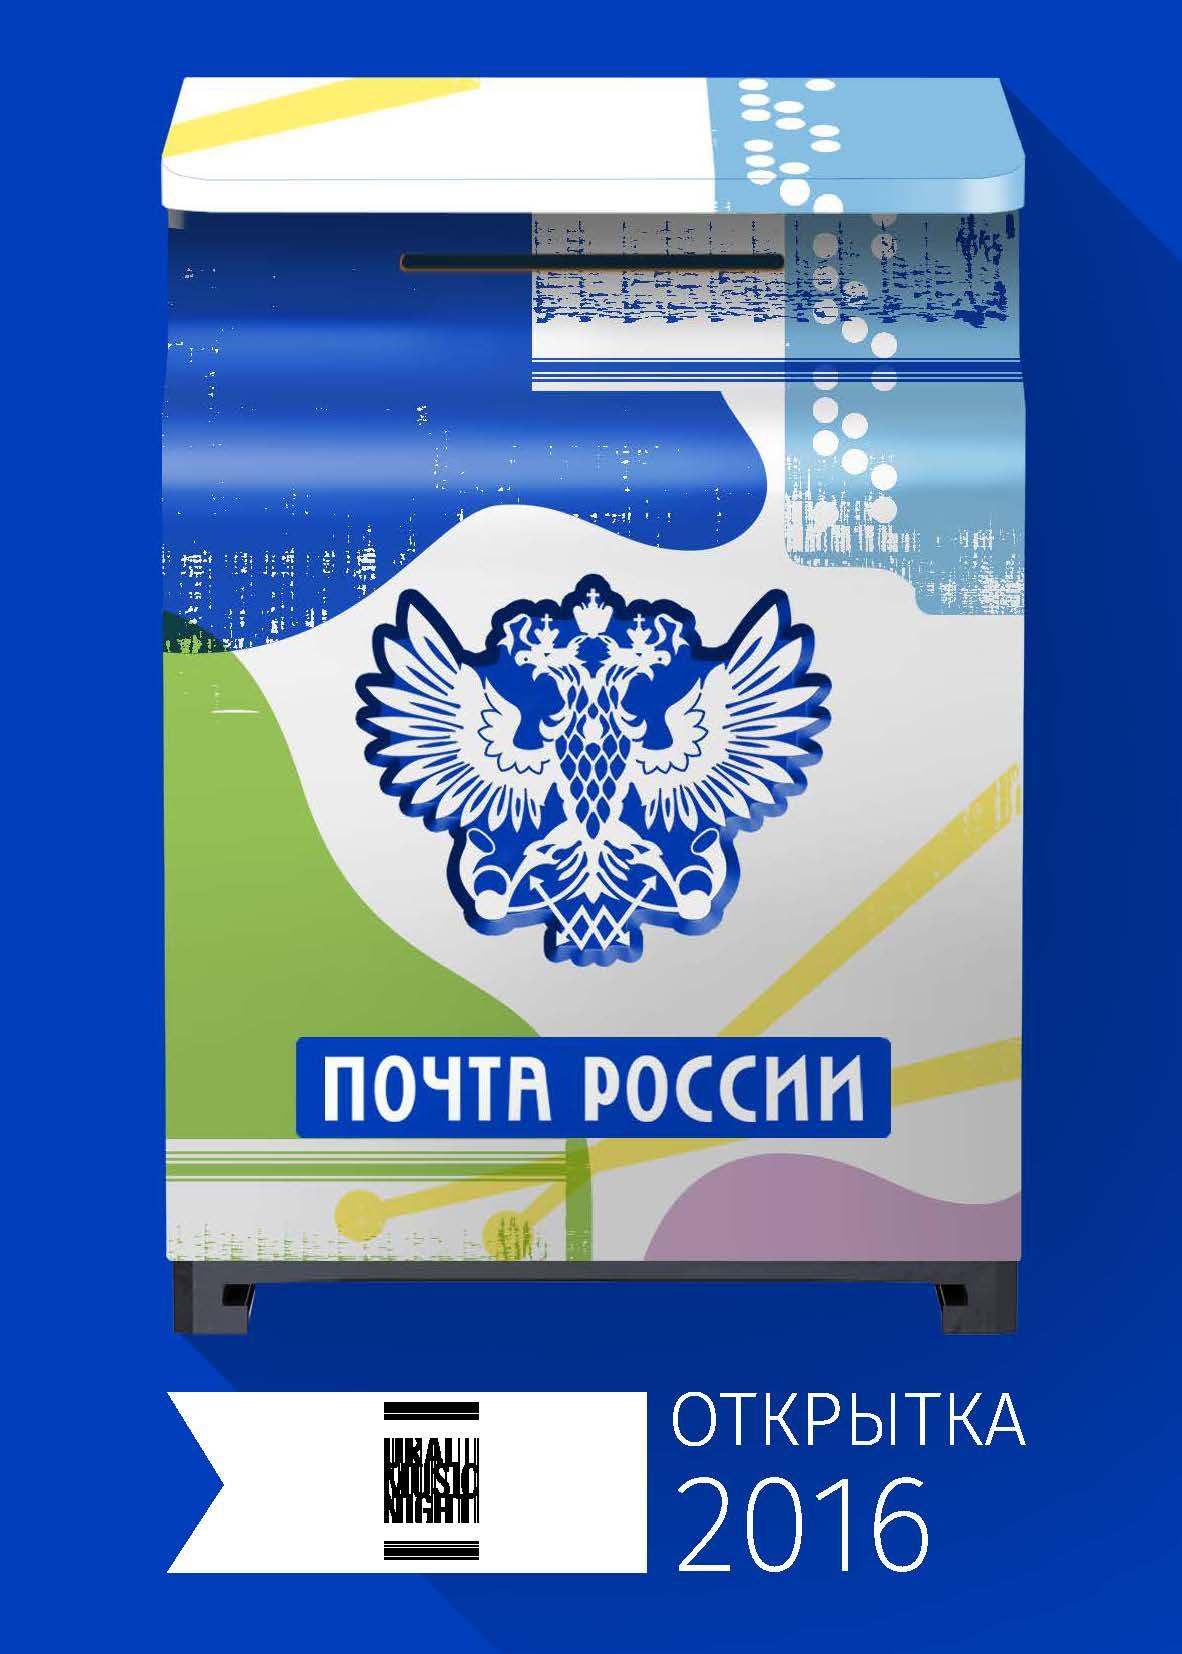 Почта россии сколько идет открытка из, поздравляем